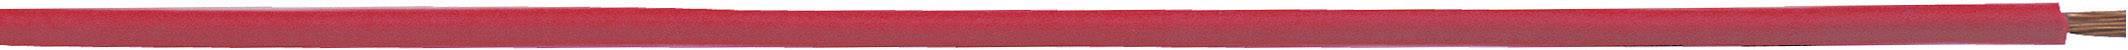 Opletenie / lanko LappKabel 4510063 H05V-K, 1 x 1 mm², vonkajší Ø 2.60 mm, 100 m, sivá